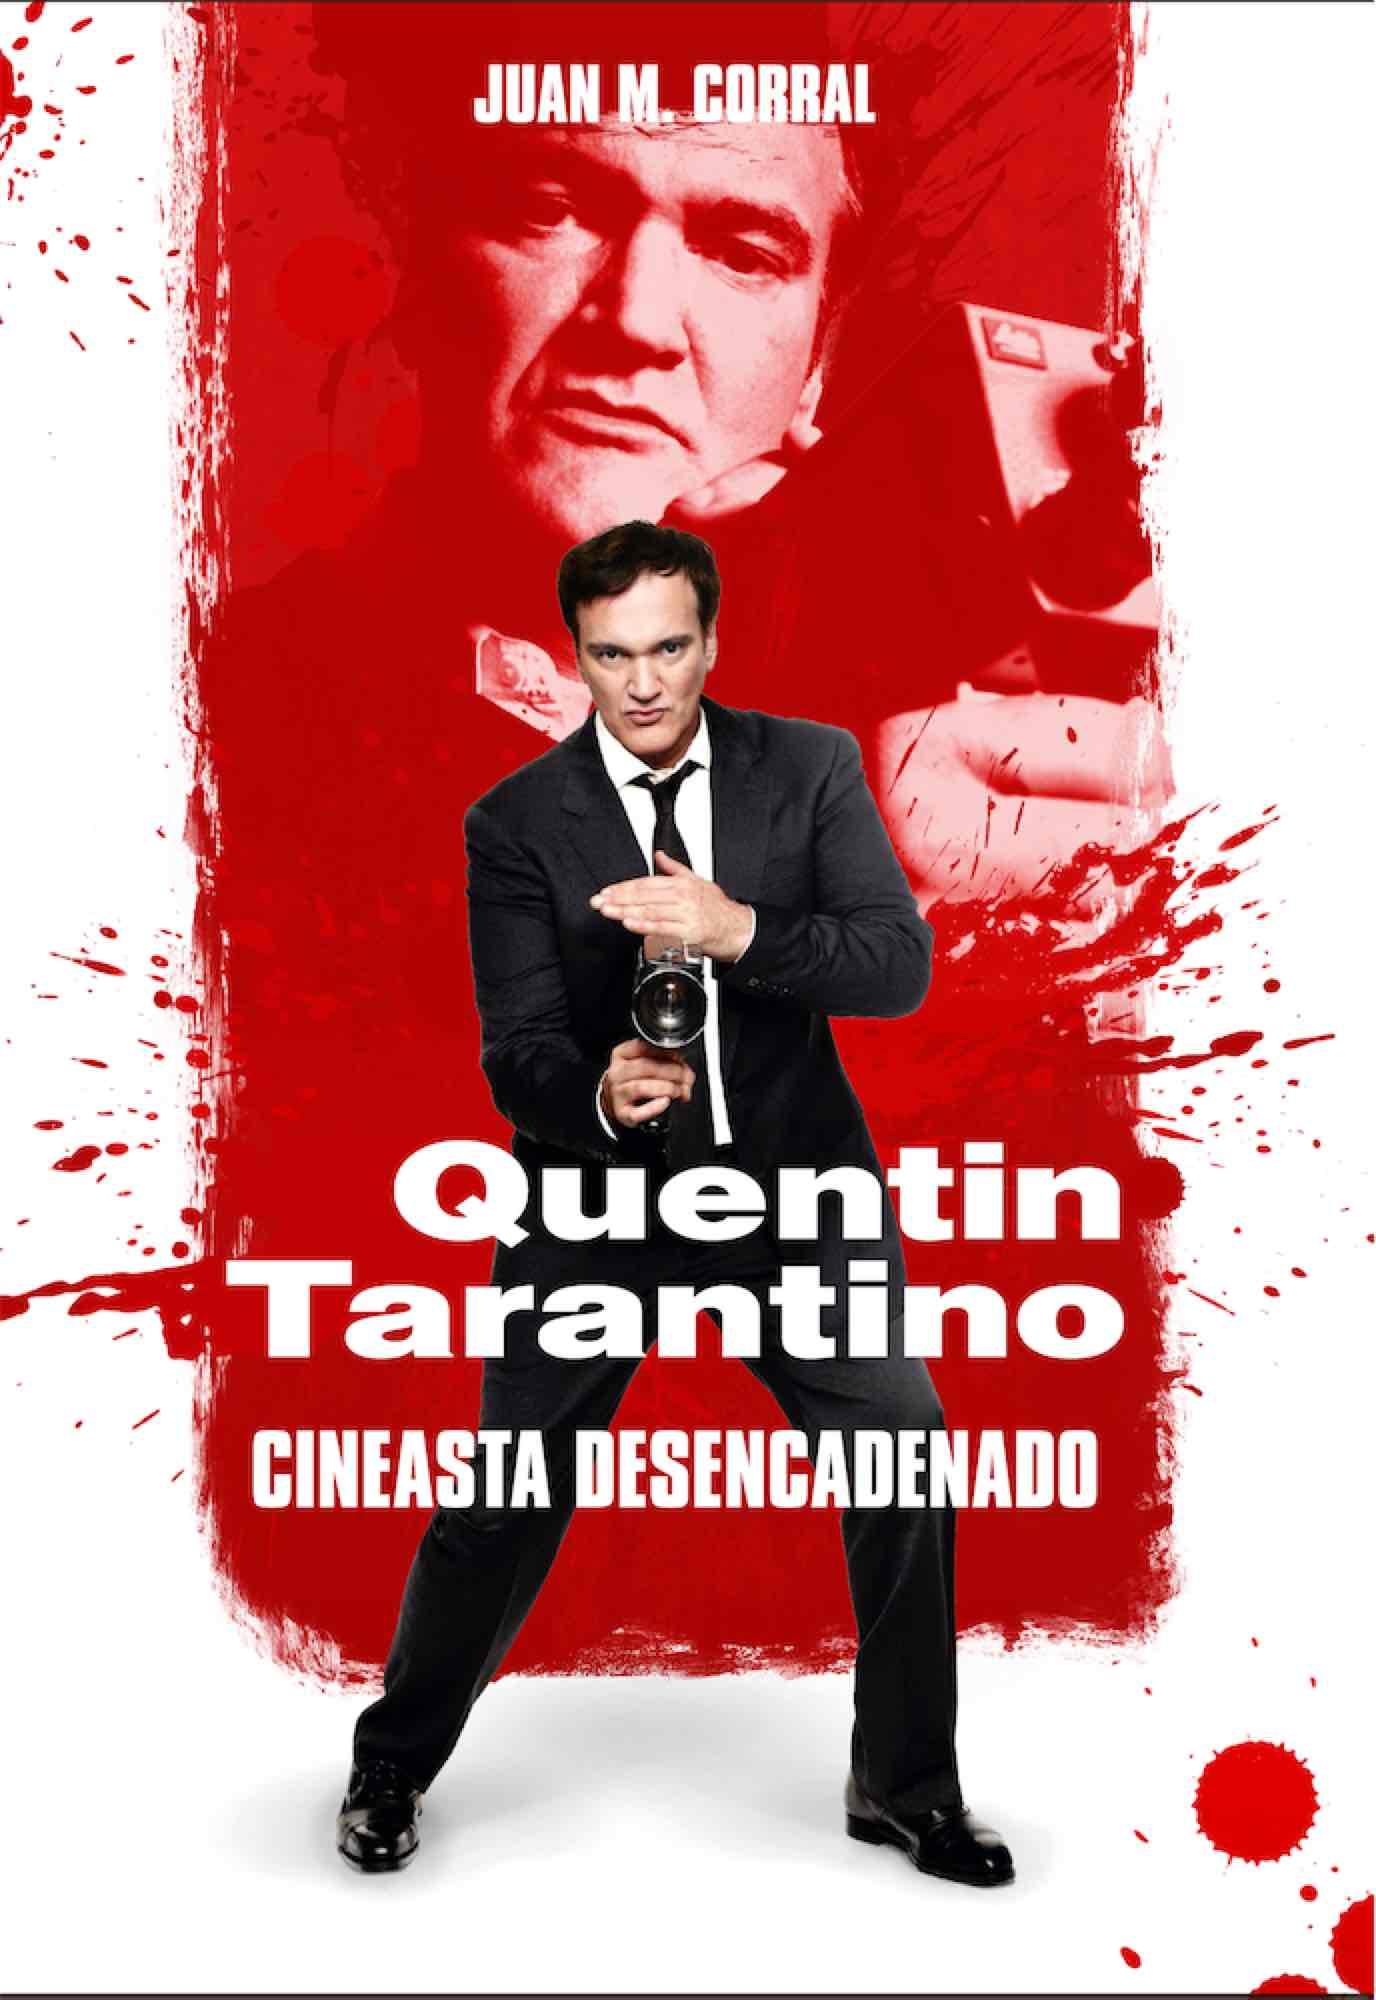 QUENTIN TARANTINO - CINEASTA DESENCADENADO